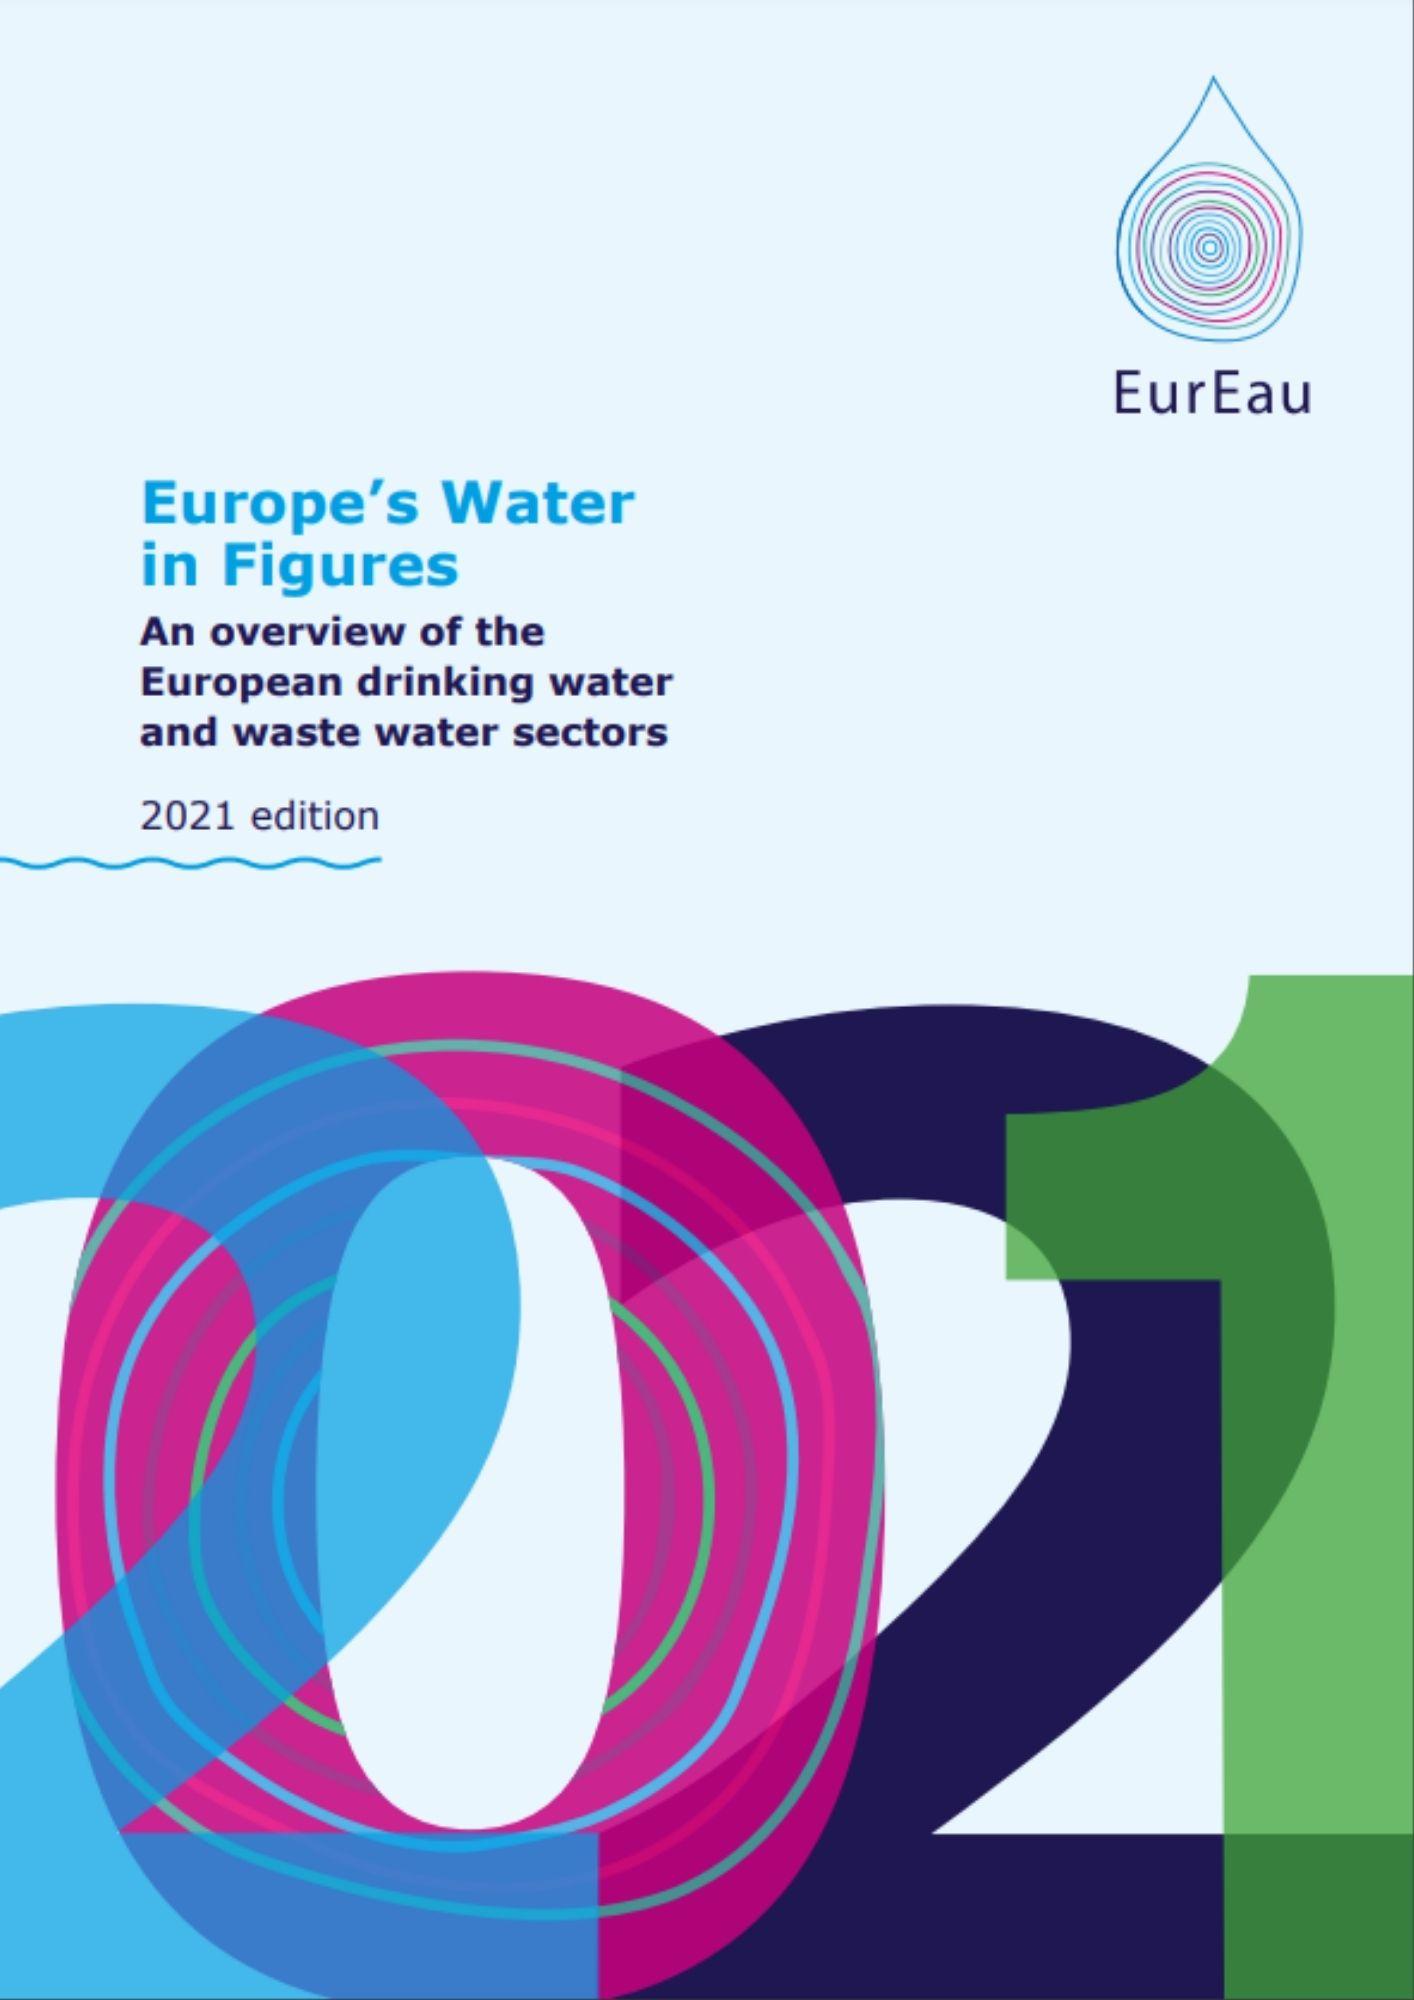 Europe's Water in Figures 2021